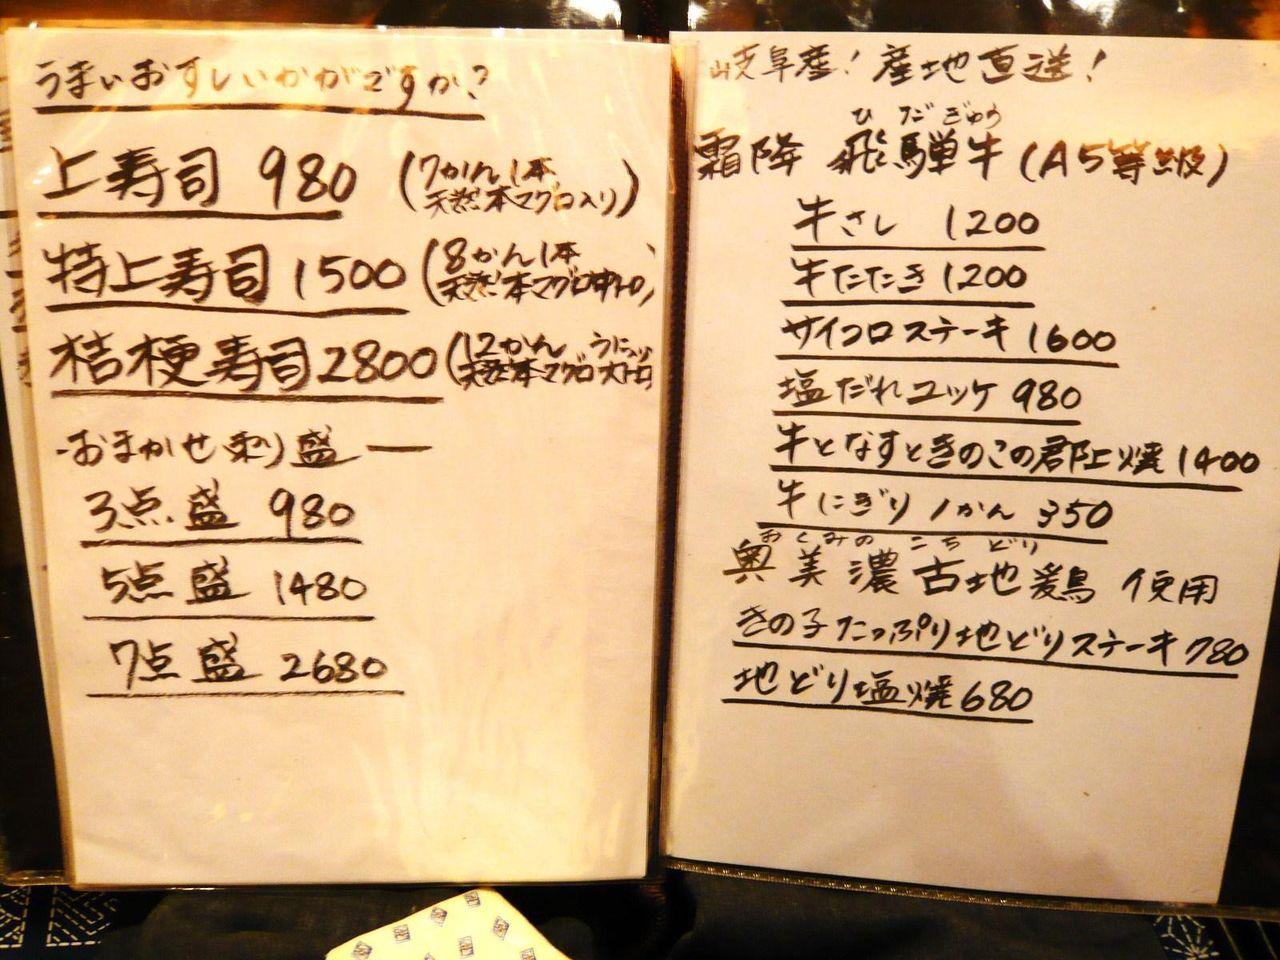 泉坂の寿司と飛騨牛メニュー(23年3月現在)